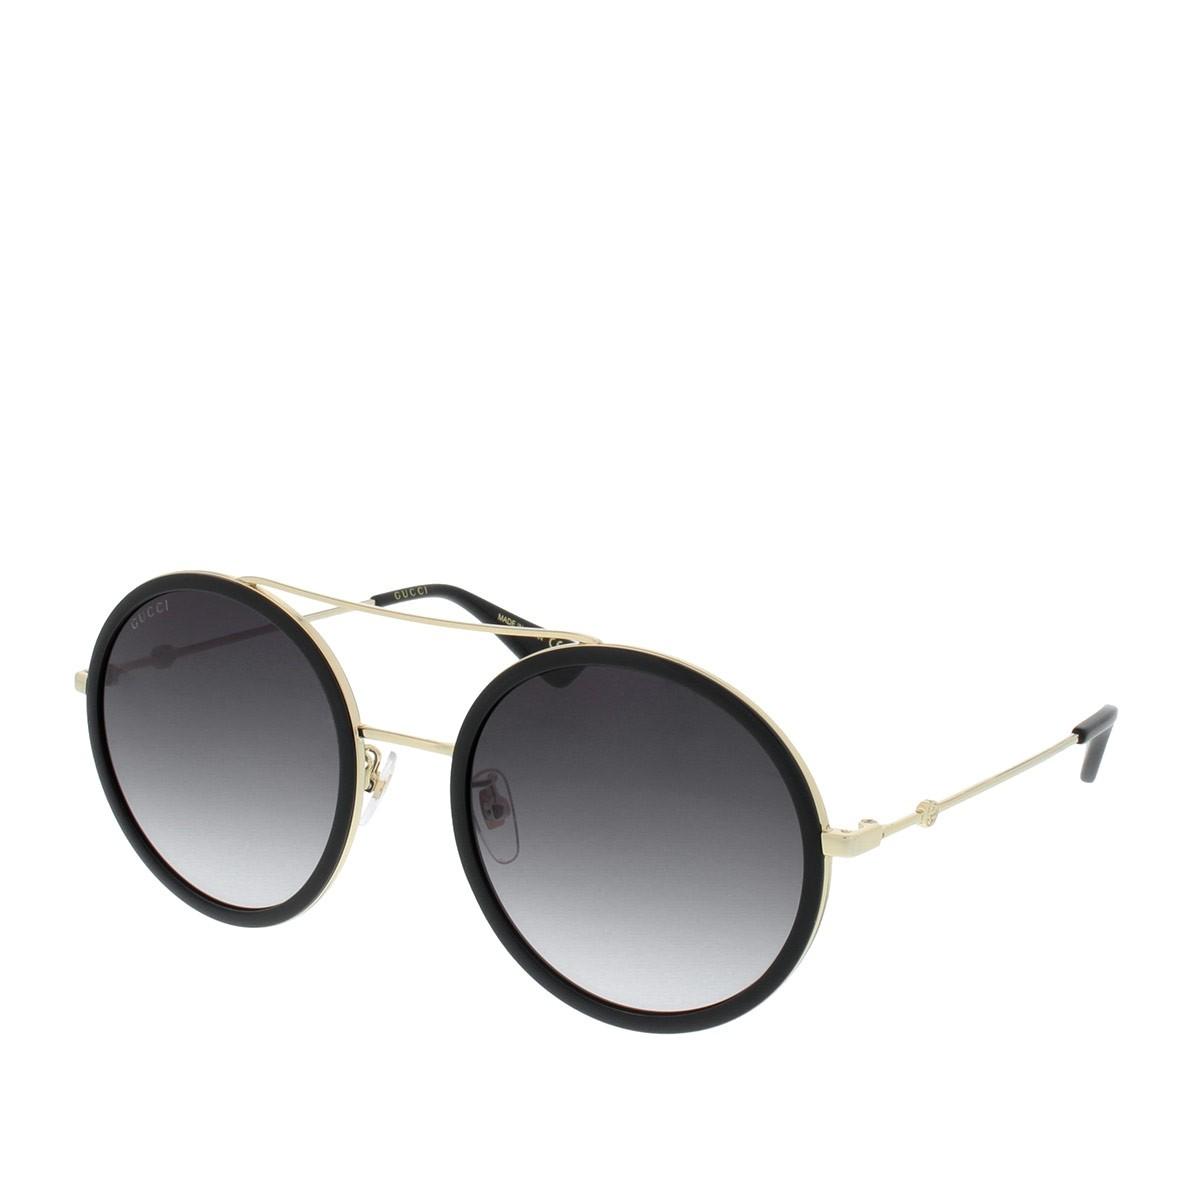 Gucci GG0061S 001 56, 193,99€, Occhiali Gucci Nero a forma Rotondo